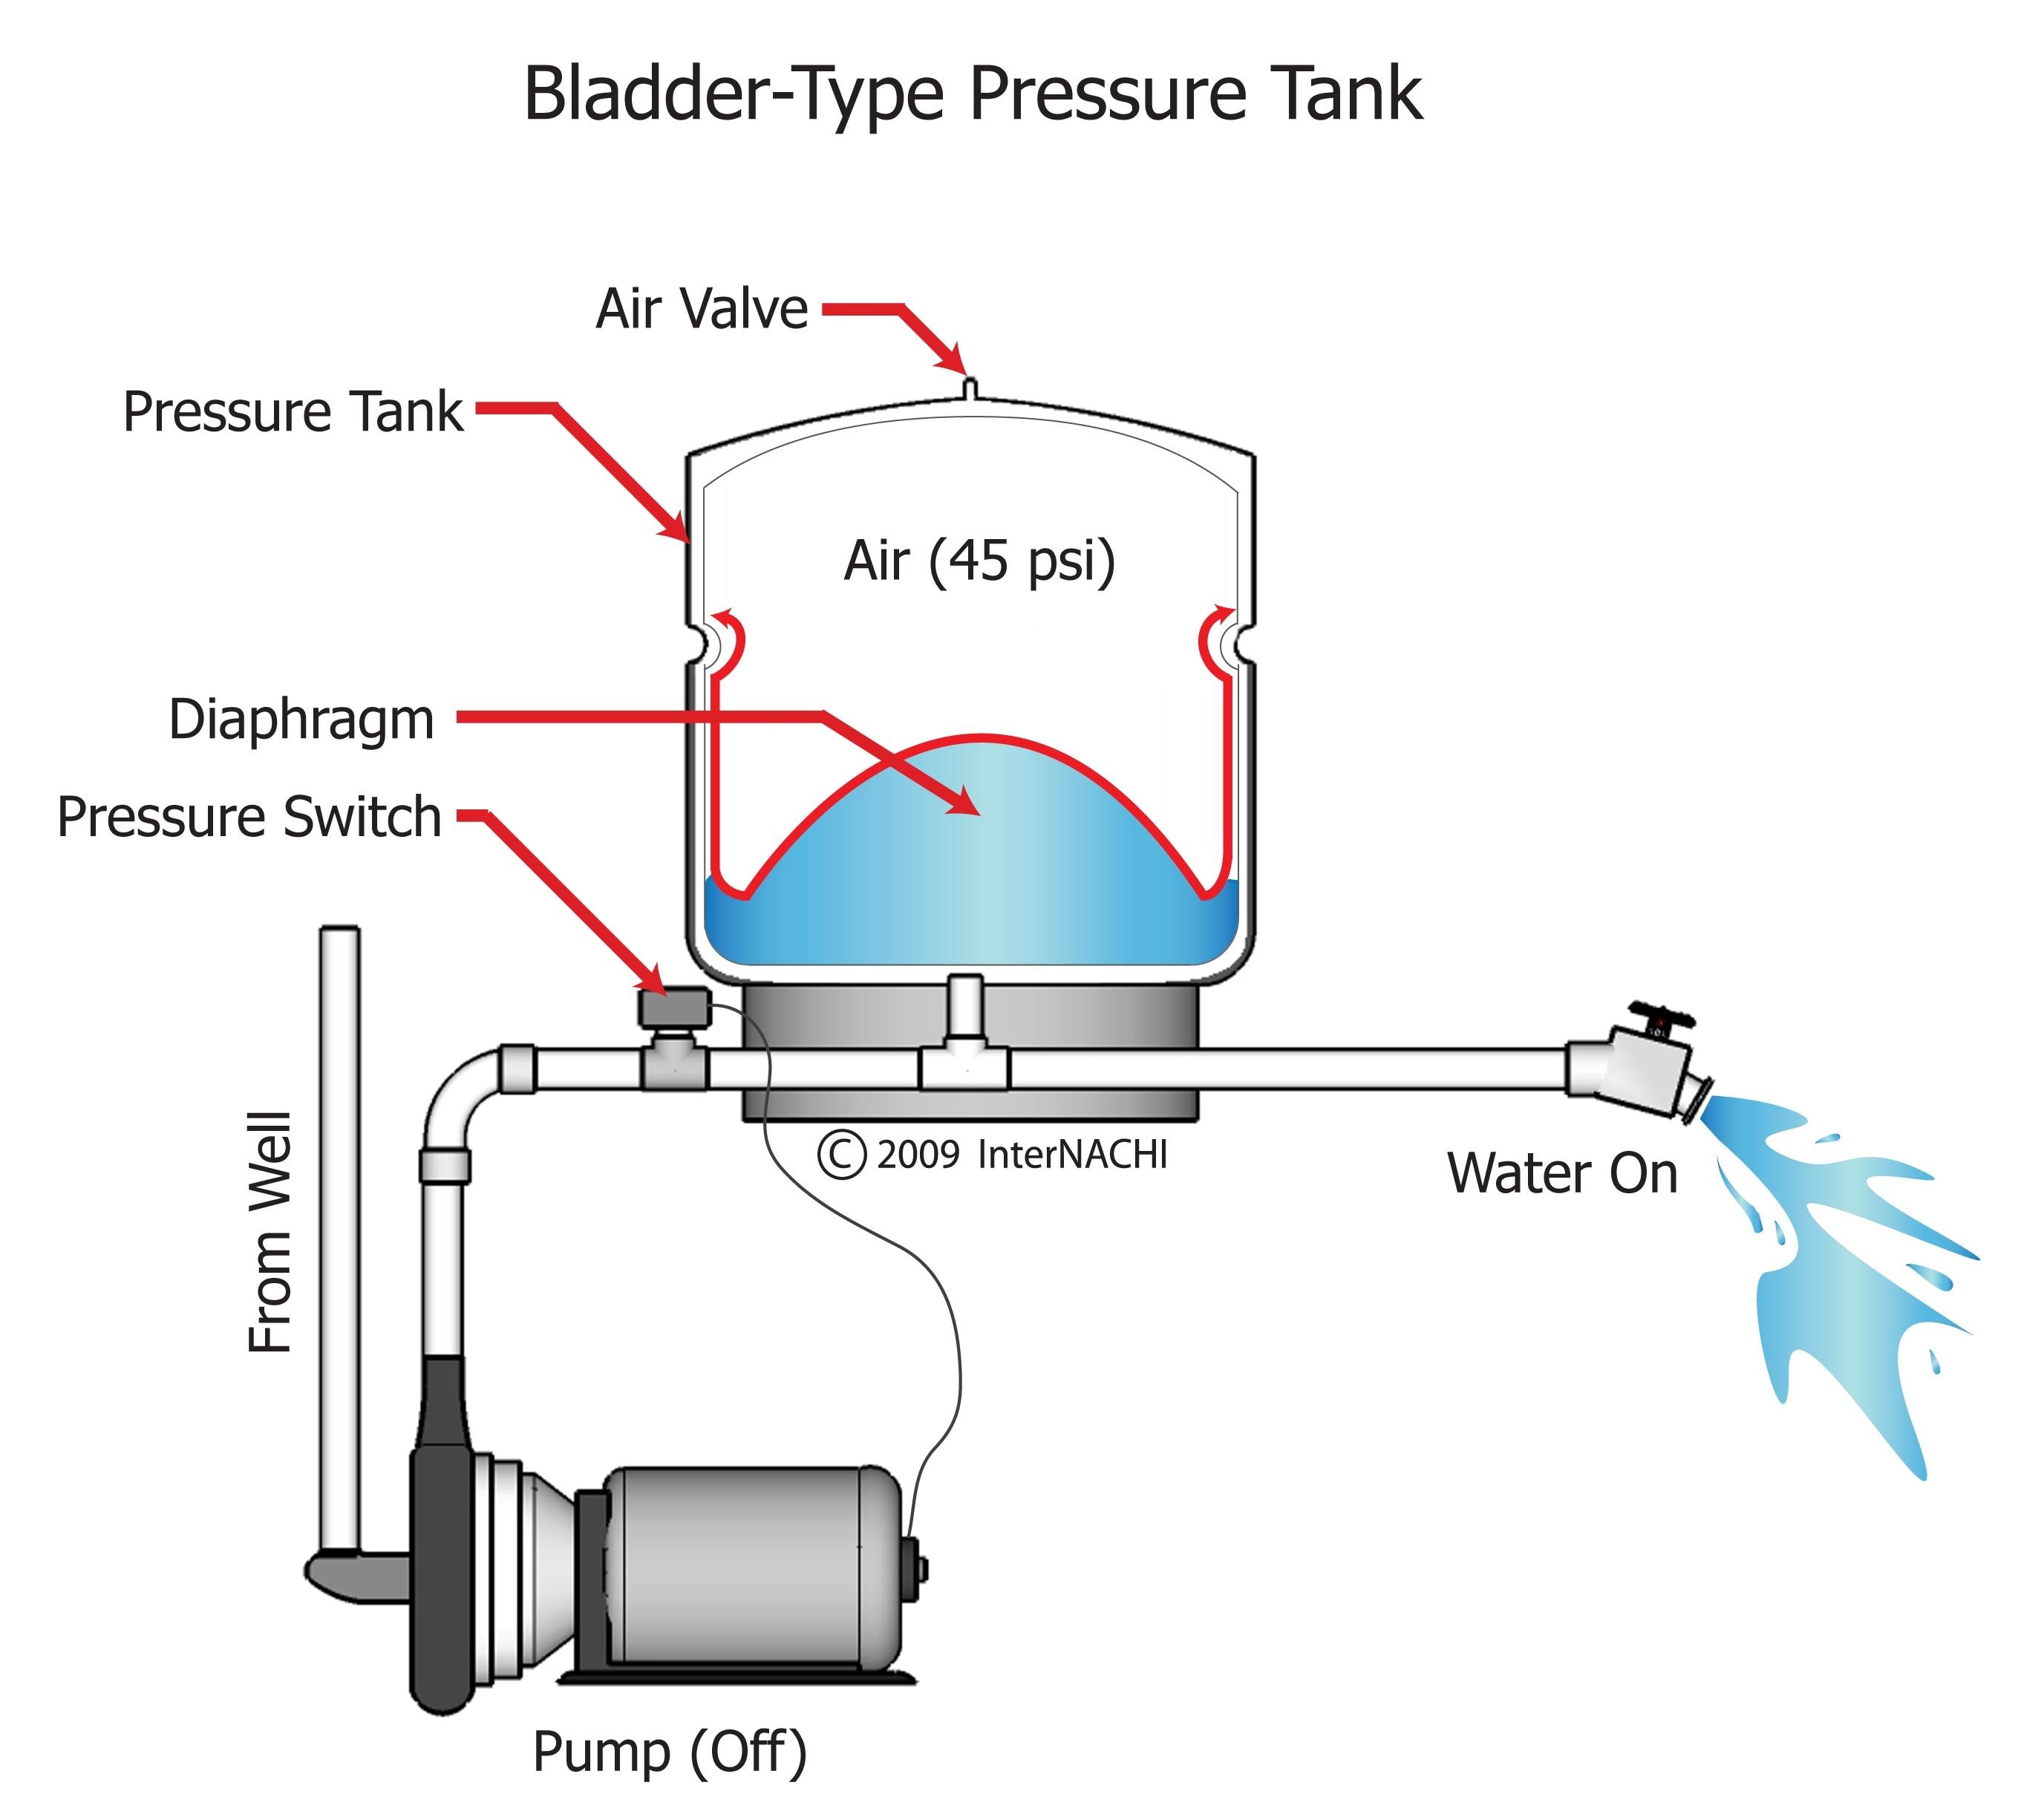 Bladder type pressure tank.